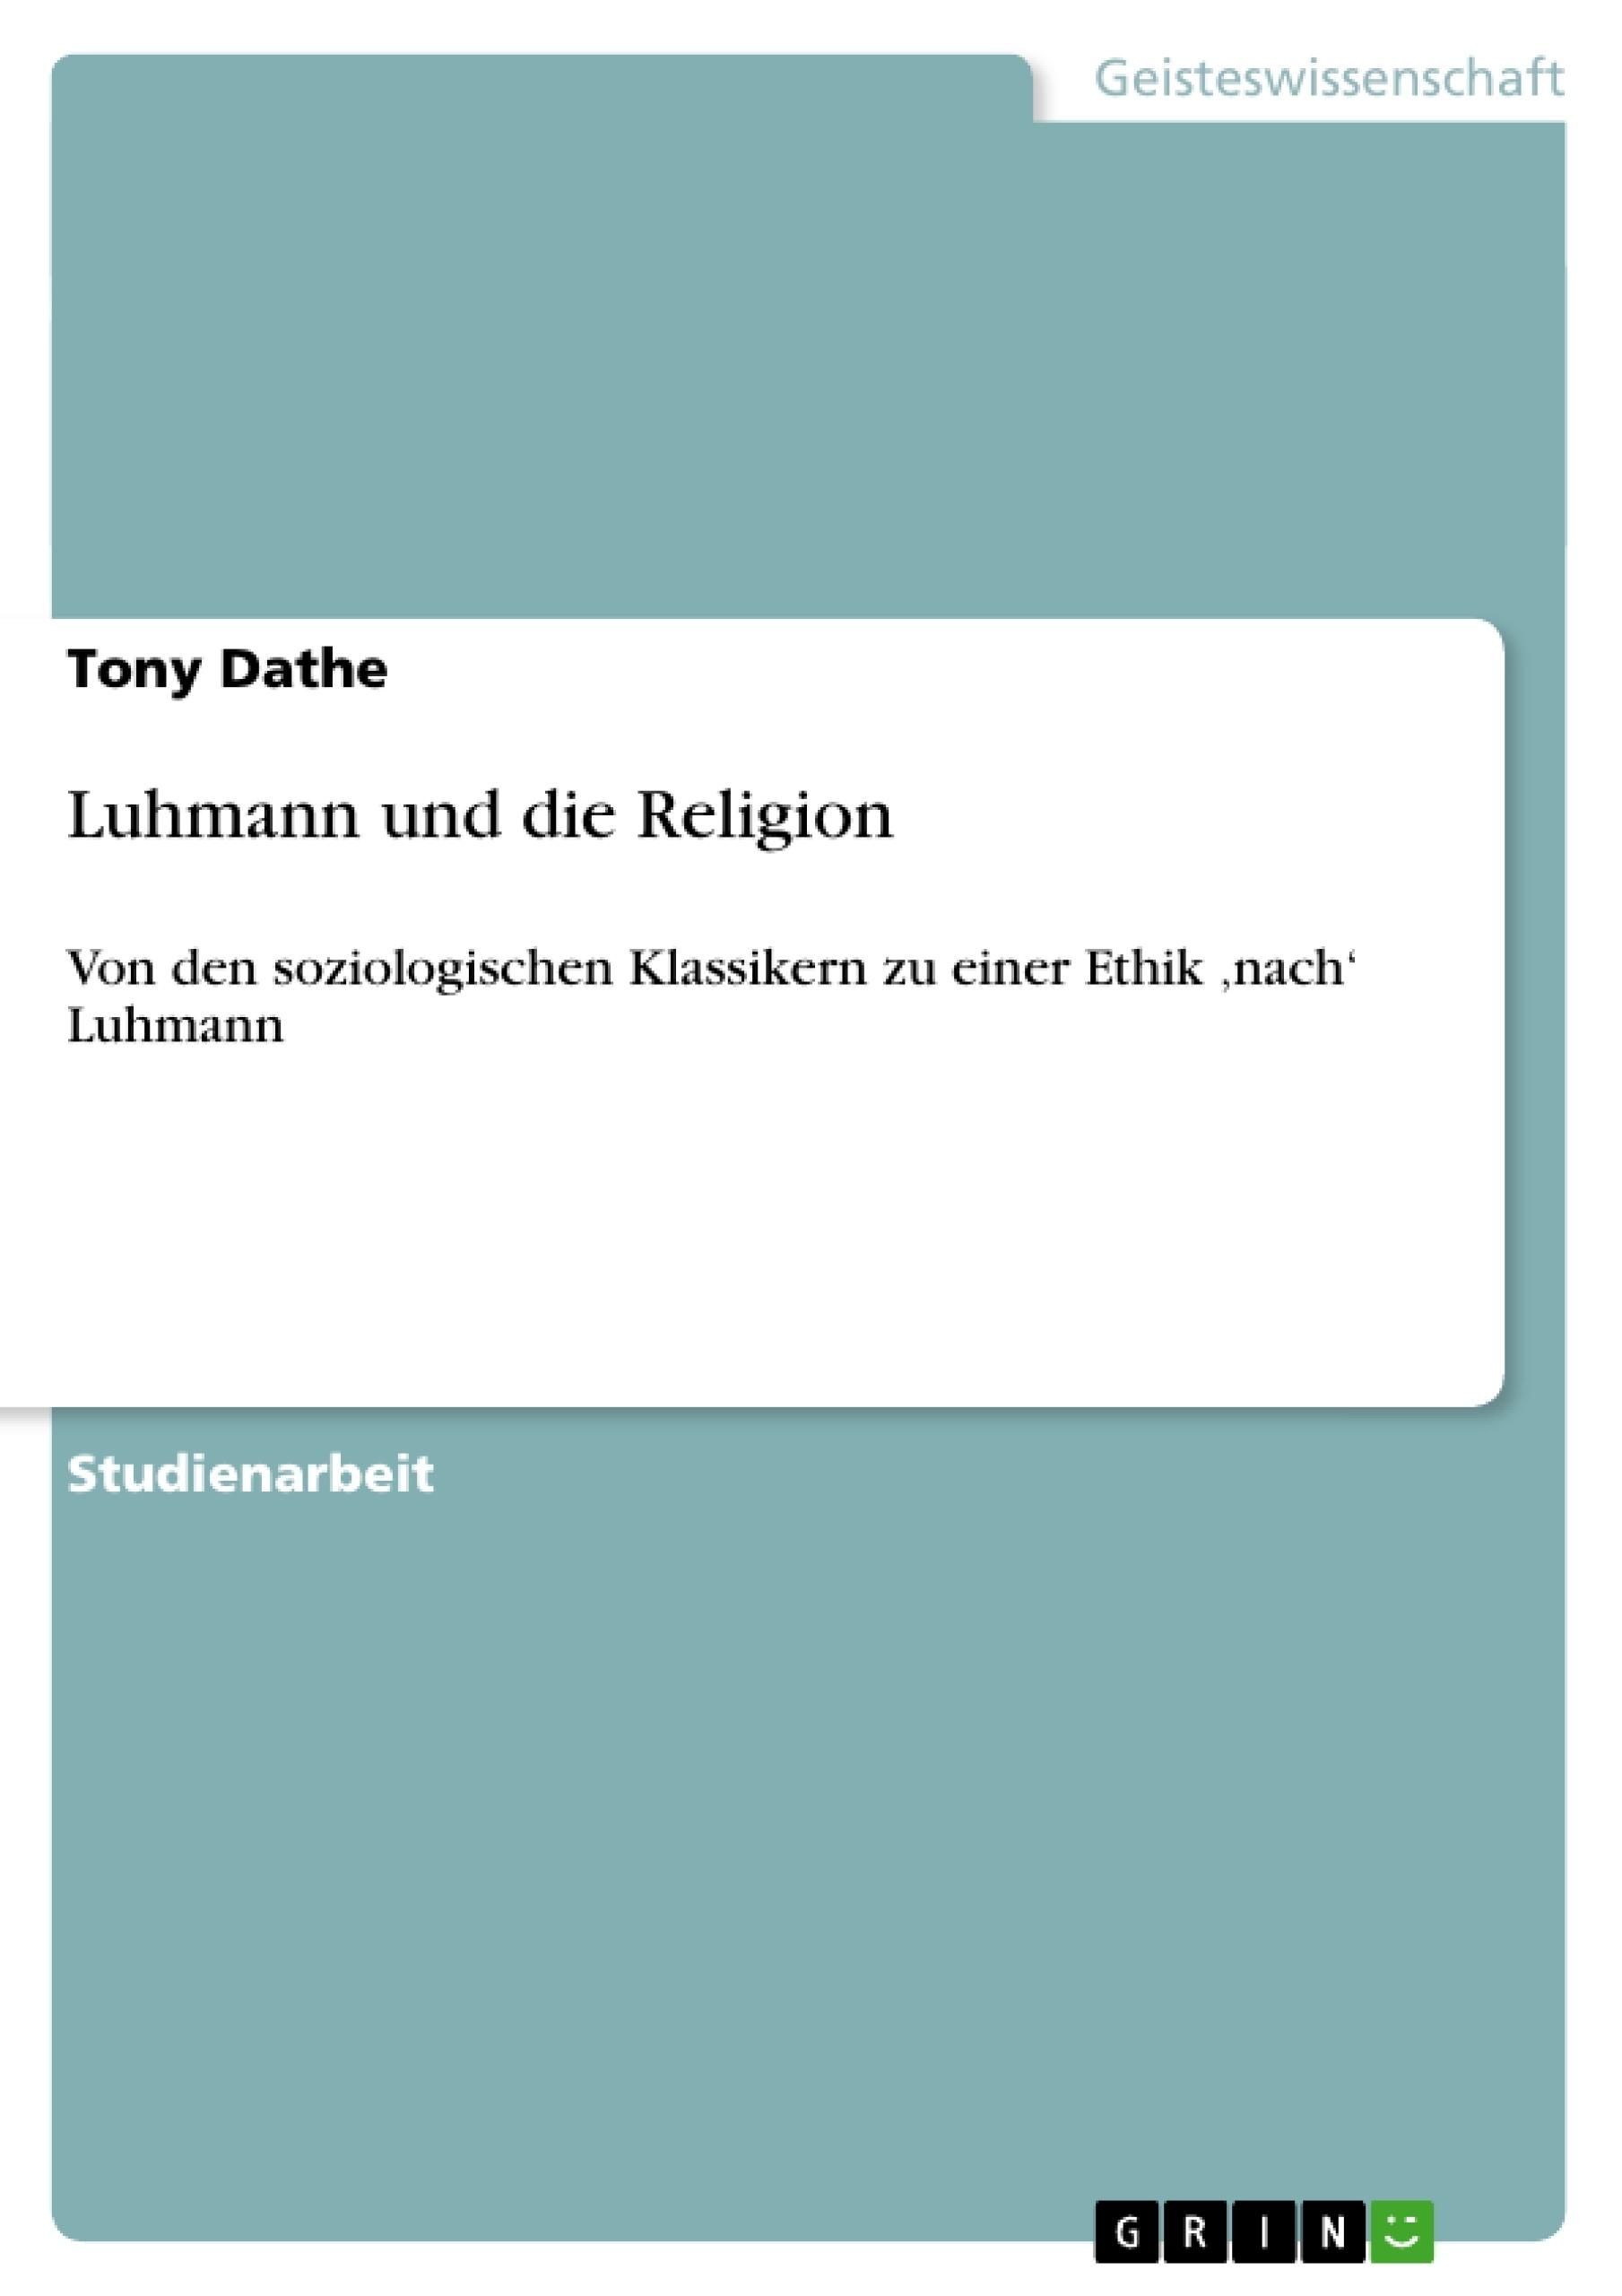 Titel: Luhmann und die Religion